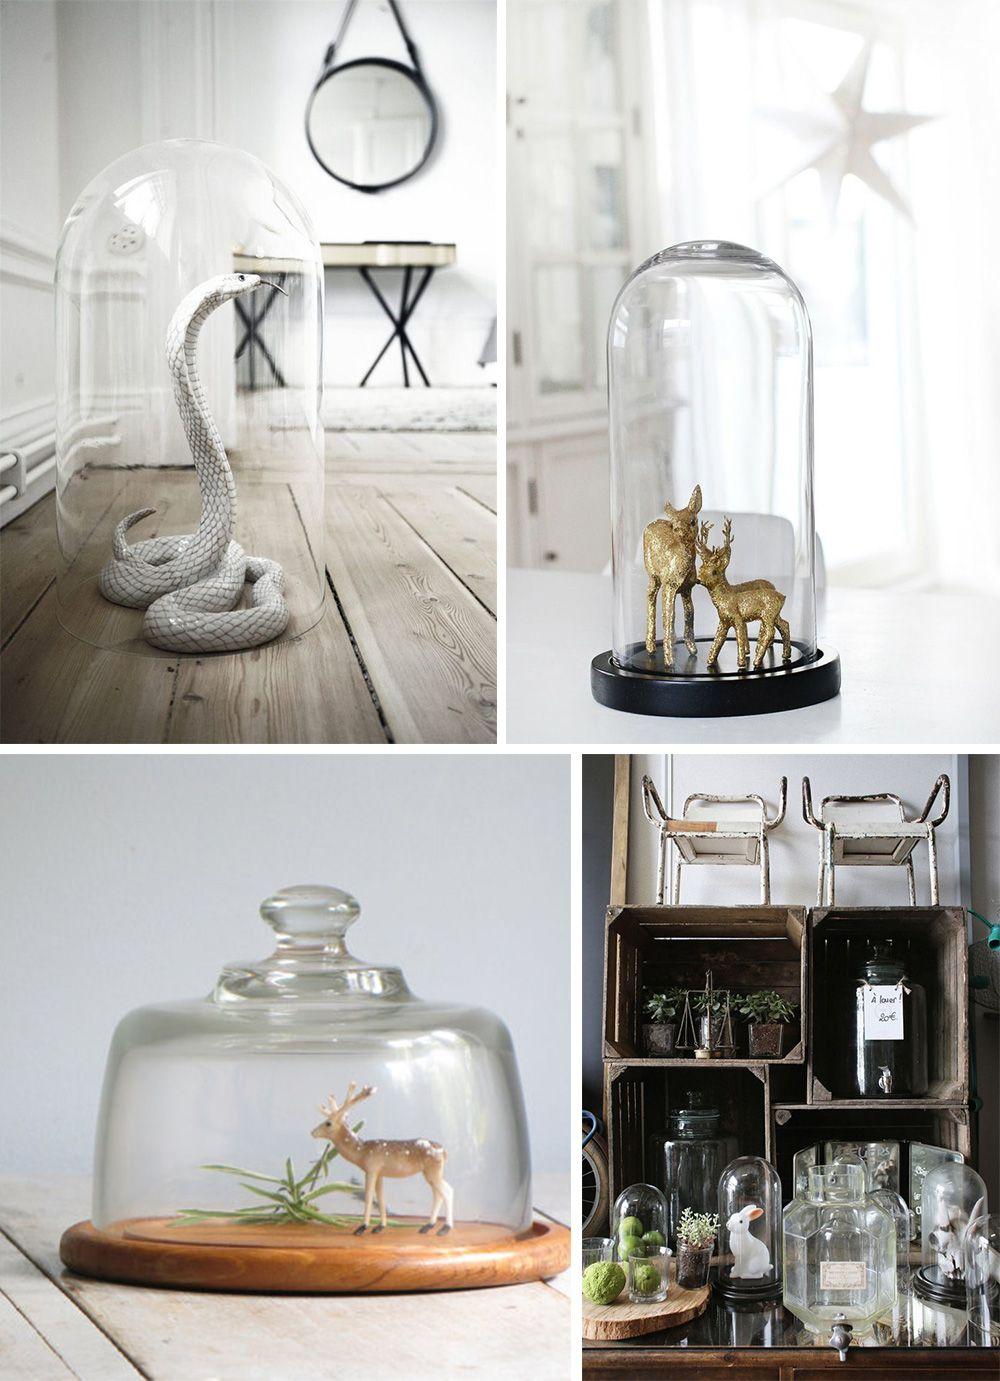 que mettre sous une cloche en verre elephant in the room d co aholic pinterest deco. Black Bedroom Furniture Sets. Home Design Ideas